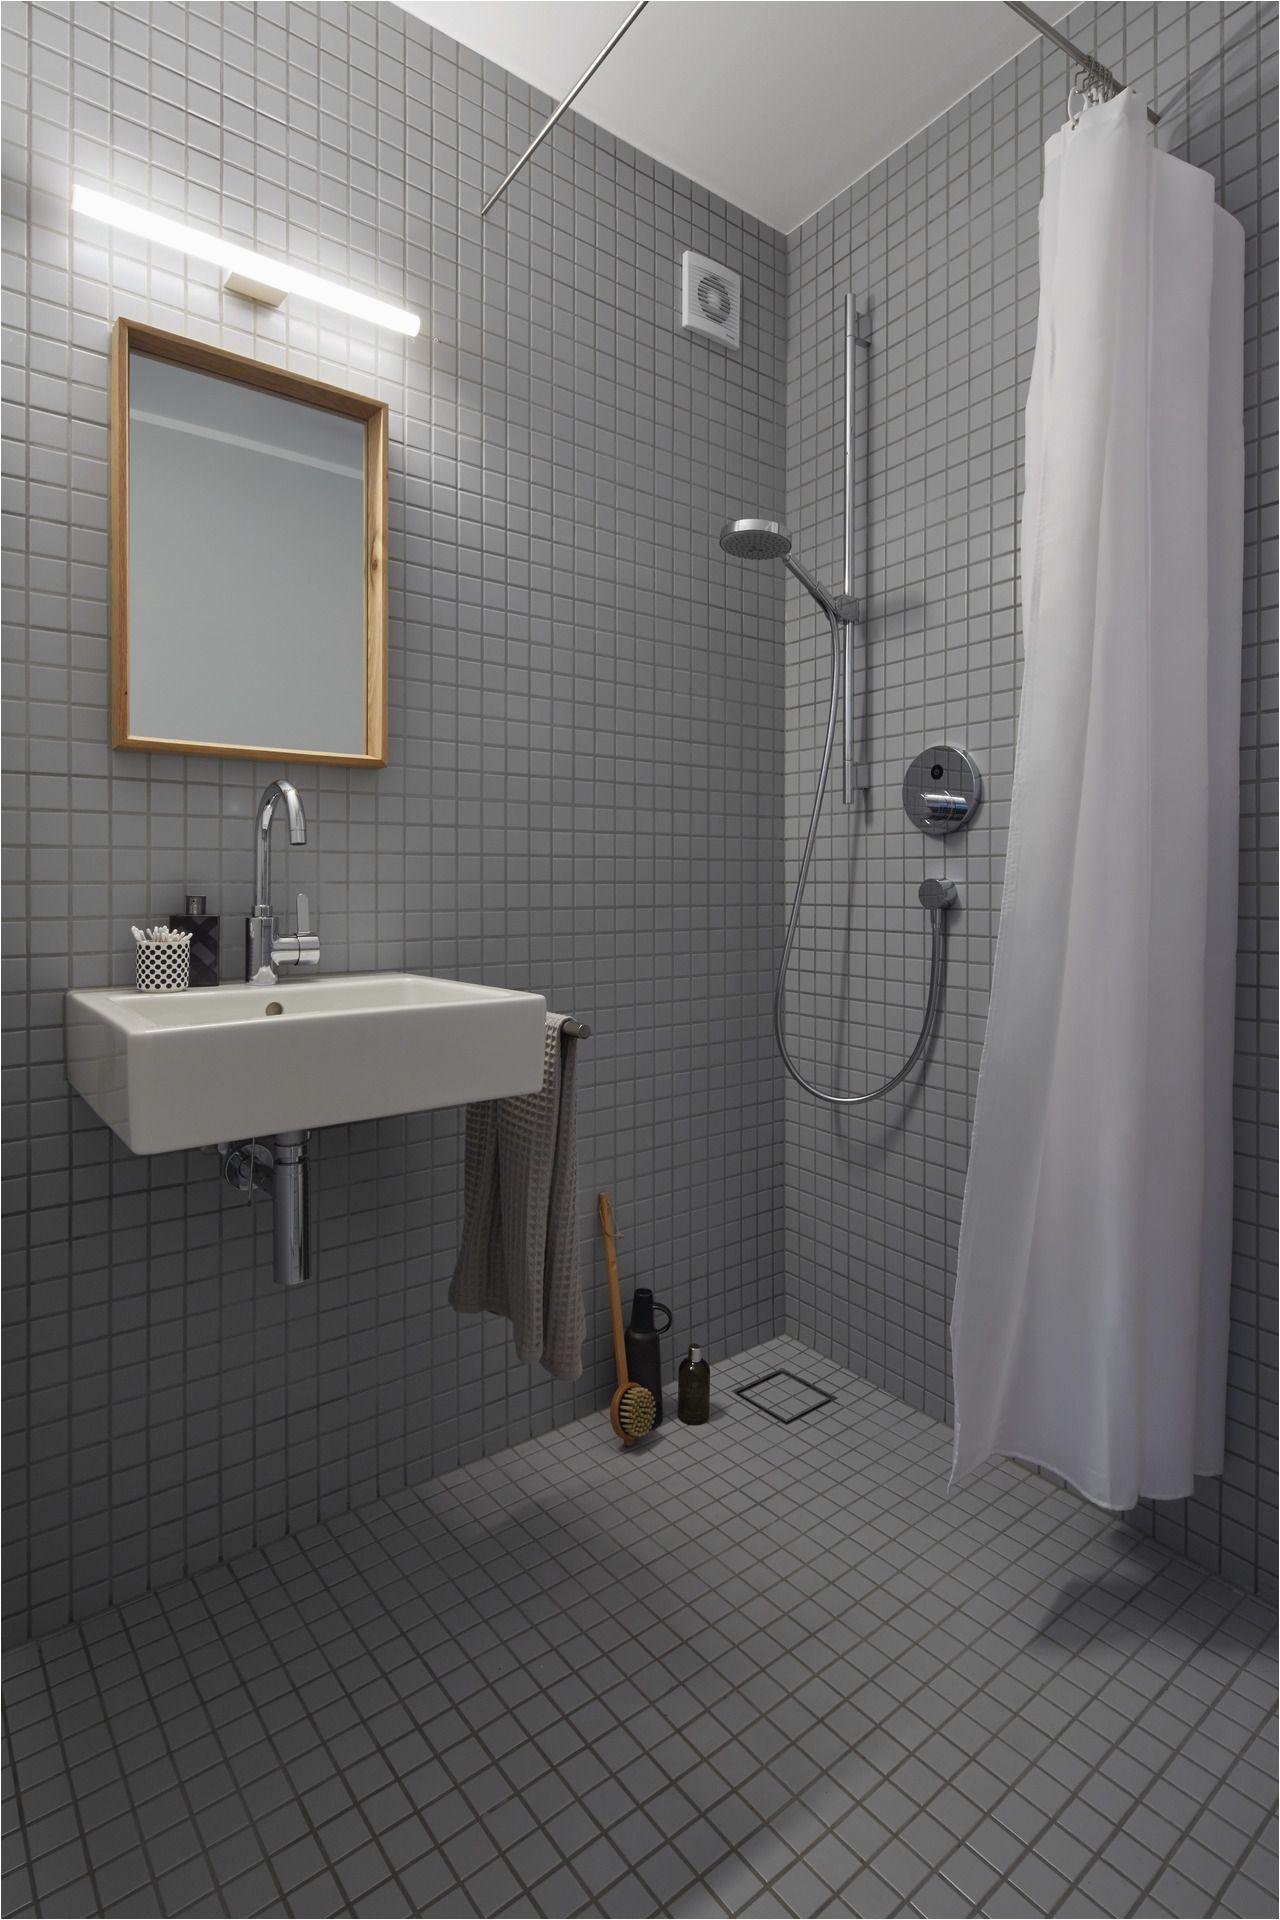 Reinigung Badezimmer Fliesen Fliesen Mit Der Hygiene Oberfläche Hytect Lassen Sich